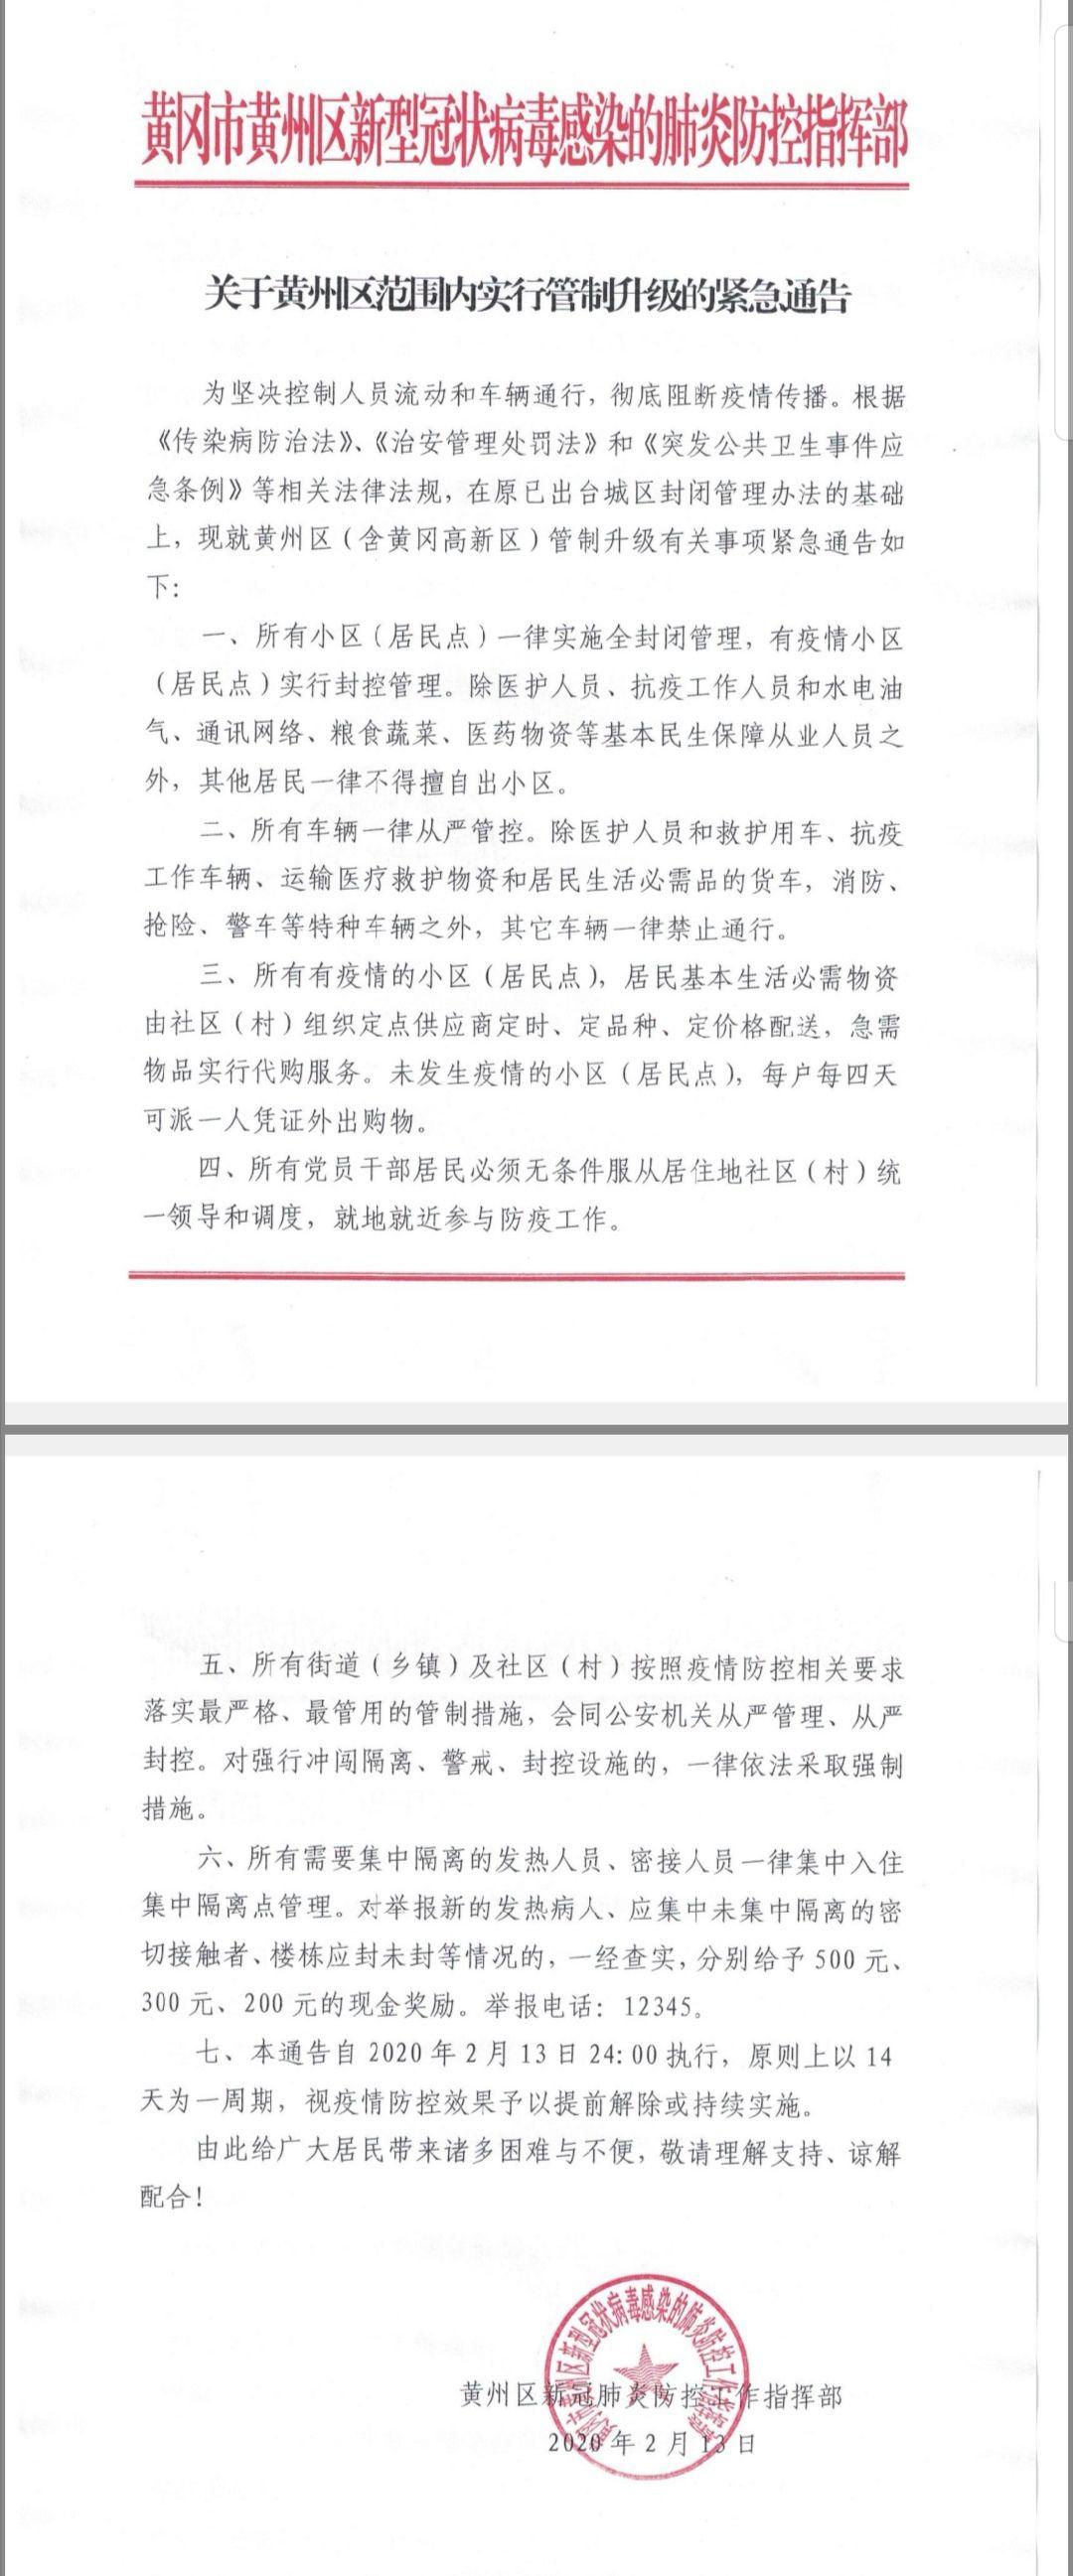 黄冈唯一市辖区实施小区全封闭管理,举报发热者奖五百元